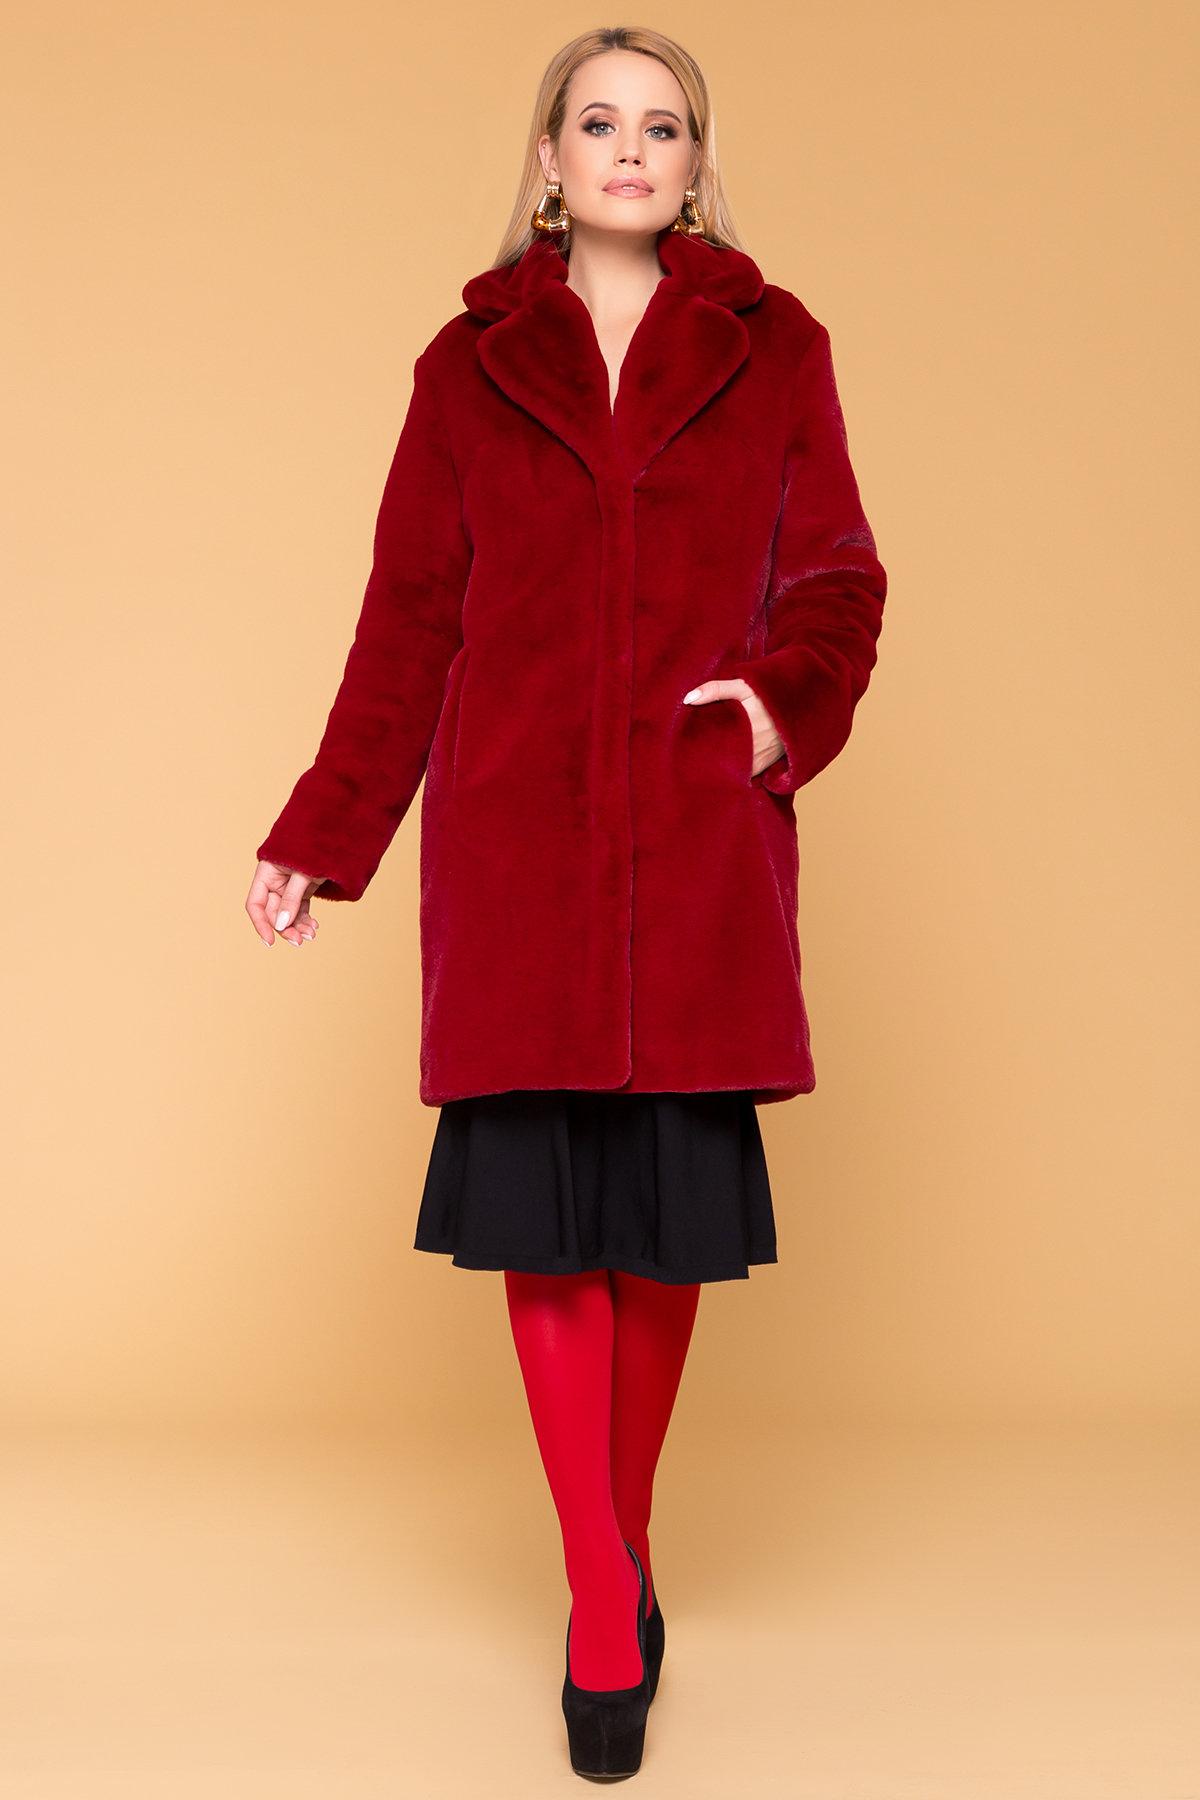 Эко шуба красного цвета Субира 4287 АРТ. 20758 Цвет: Марсала - фото 4, интернет магазин tm-modus.ru